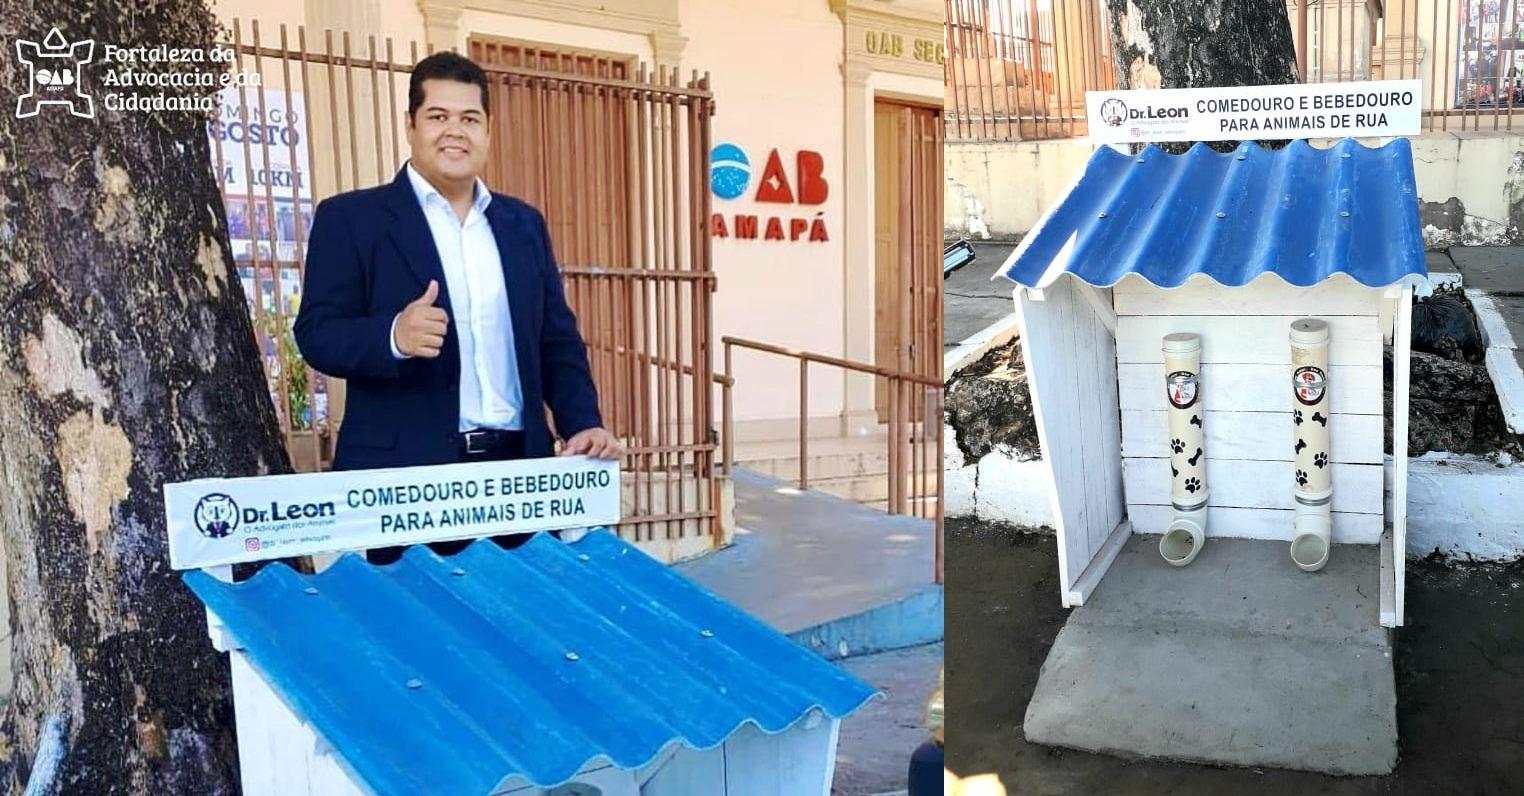 OAB-AP instala comedouro público para animais de rua